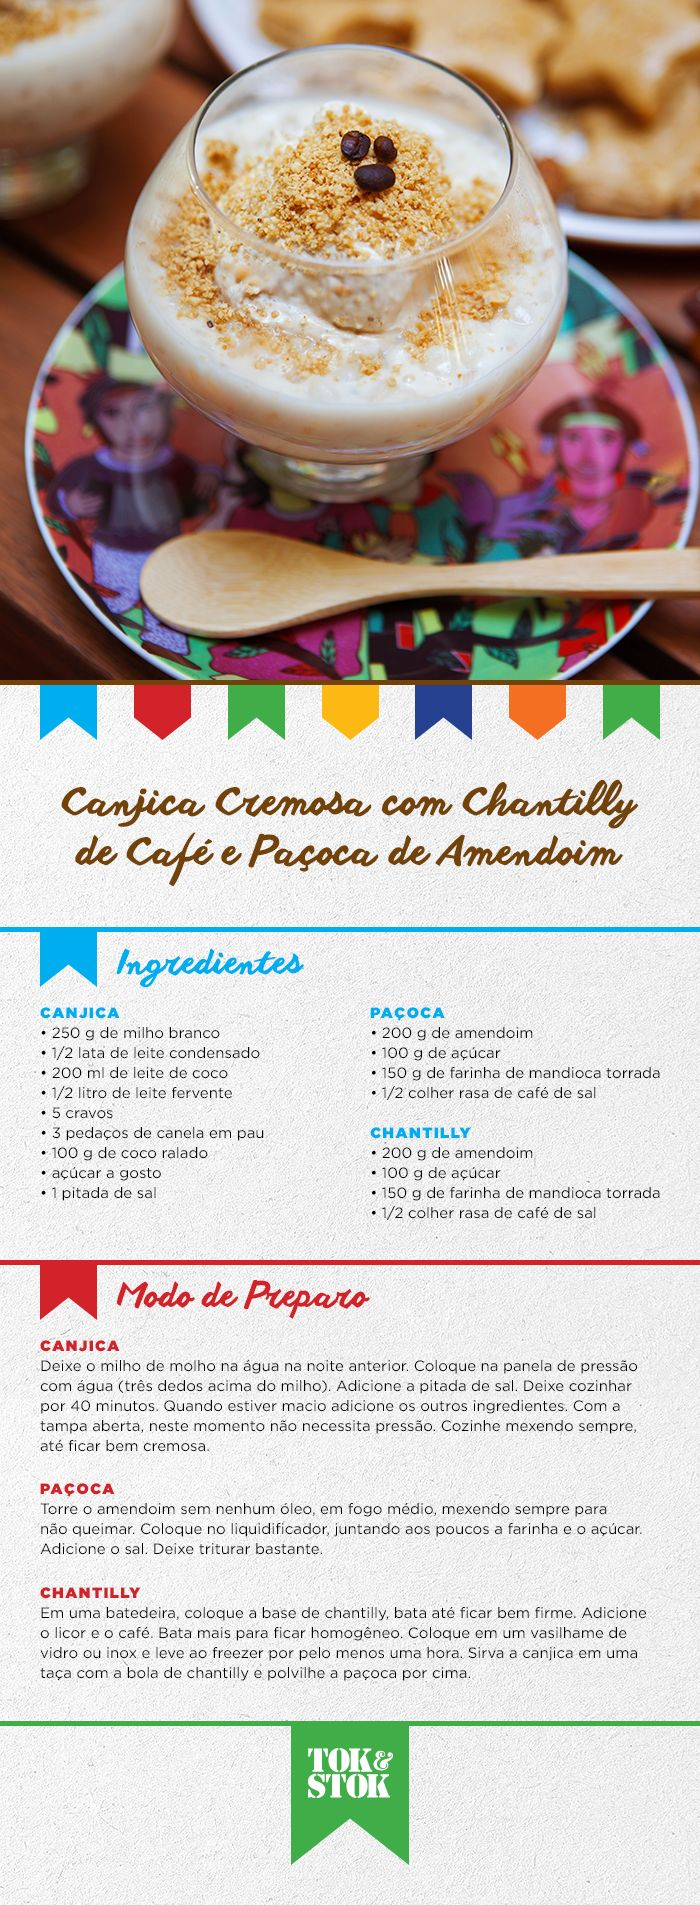 Canjica cremosa, com chantilly de café e paçoca de amendoim, no pratinho #FestaDasCores. Precisa dizer mais alguma coisa? <3 #SãoJoão  | Receita do restaurante Arimbá http://www.arimbarestaurante.com.br/